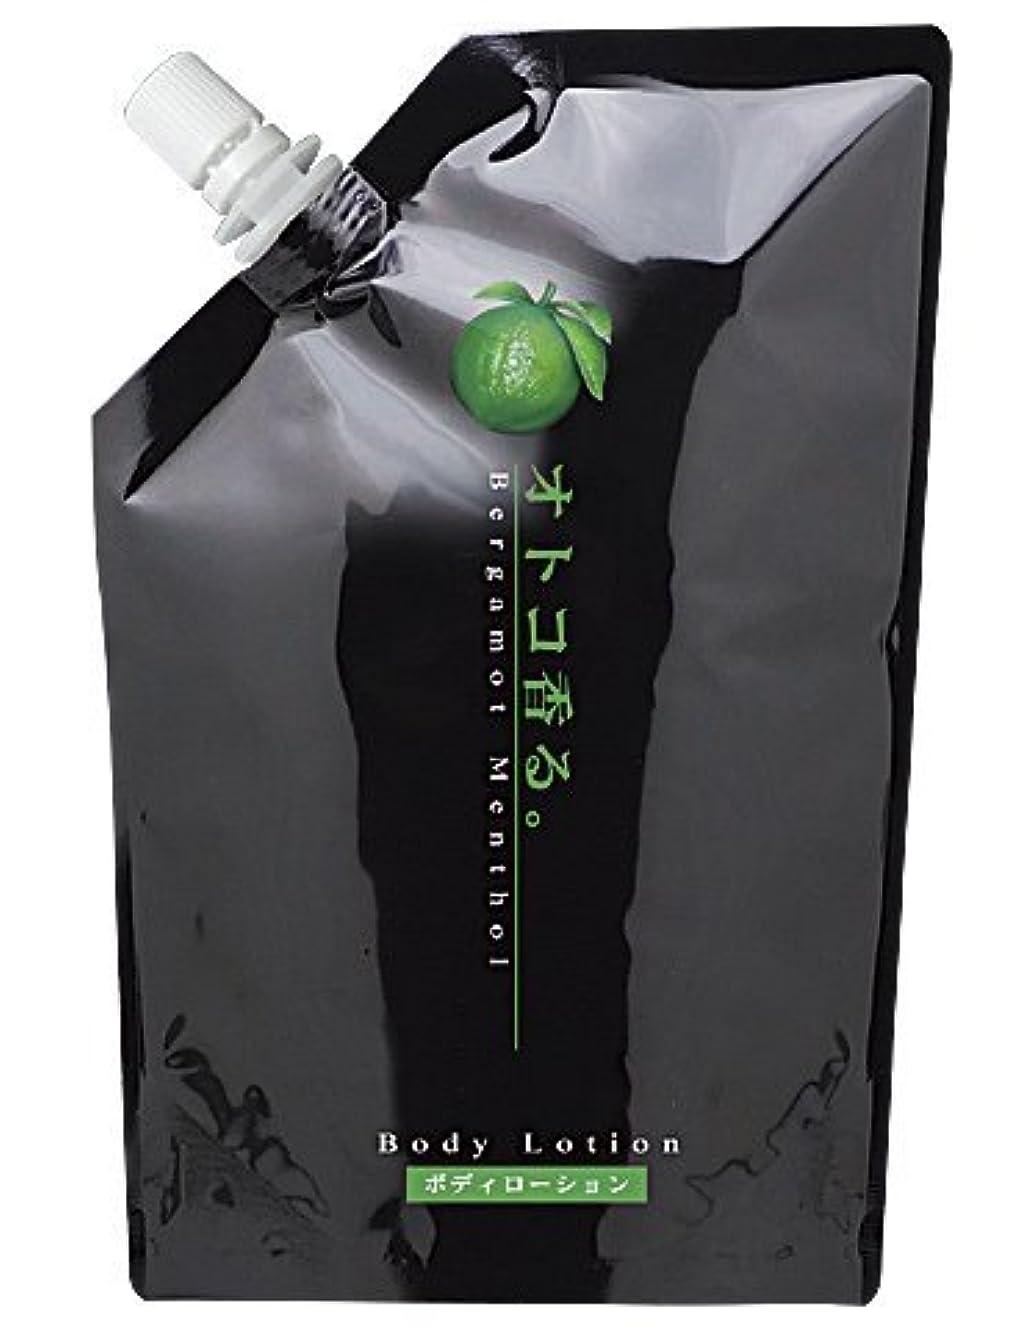 サークル異常道kracie(クラシエ) オトコ香る ボディローション ベルガモットの香り 微香性 業務用 家庭様向け 500ml 補充サイズ